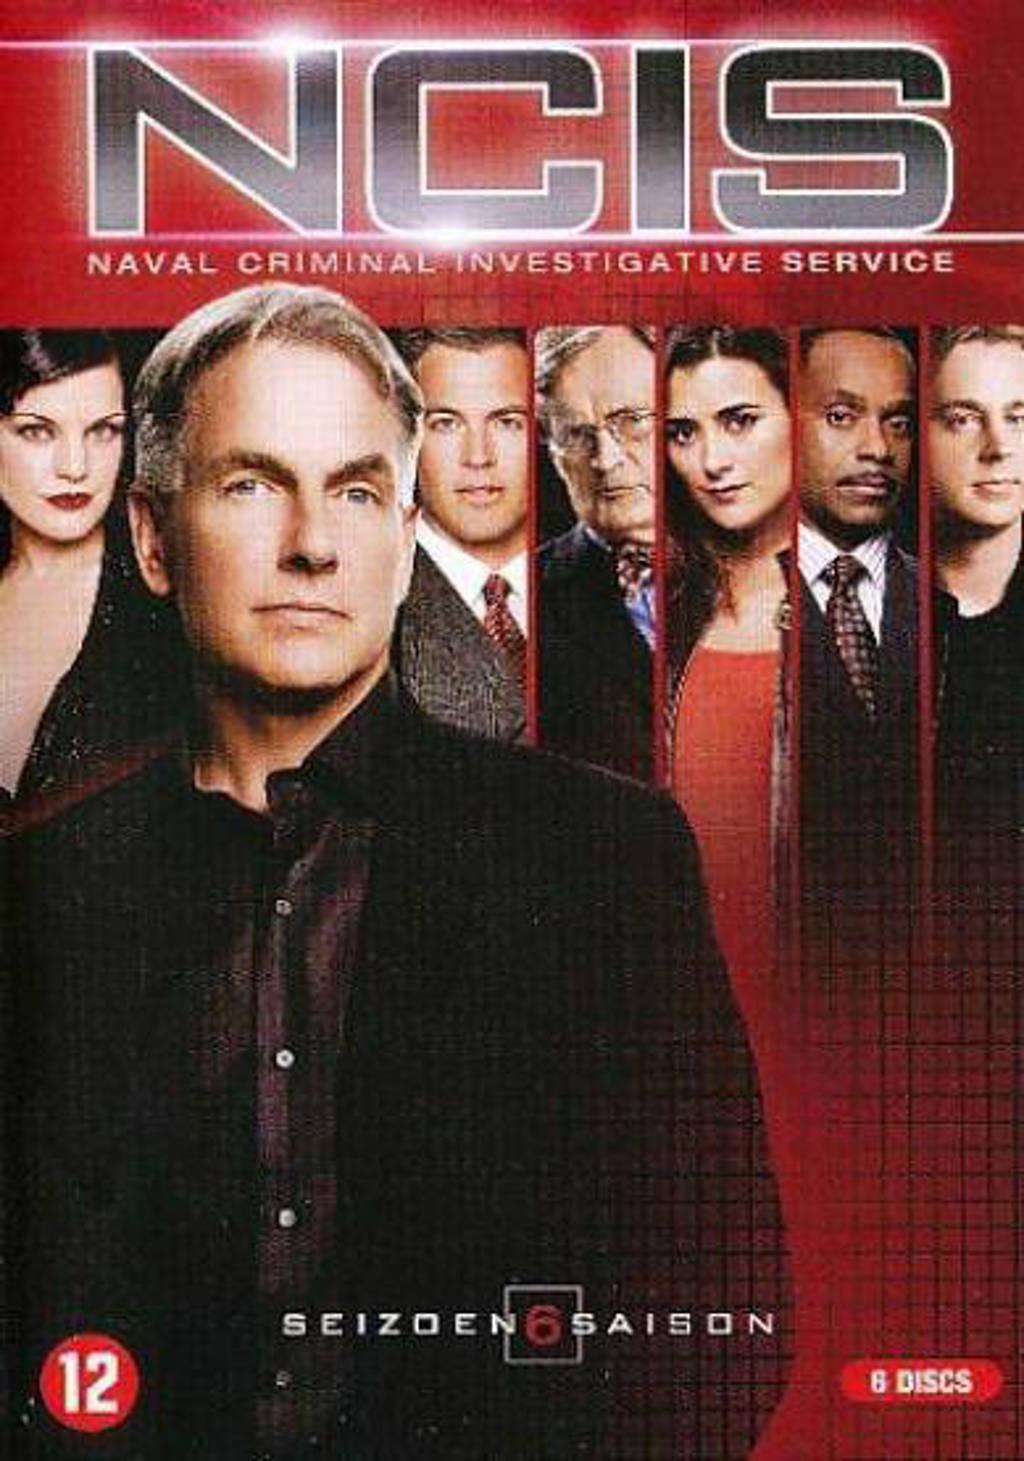 NCIS - Seizoen 6 (DVD)